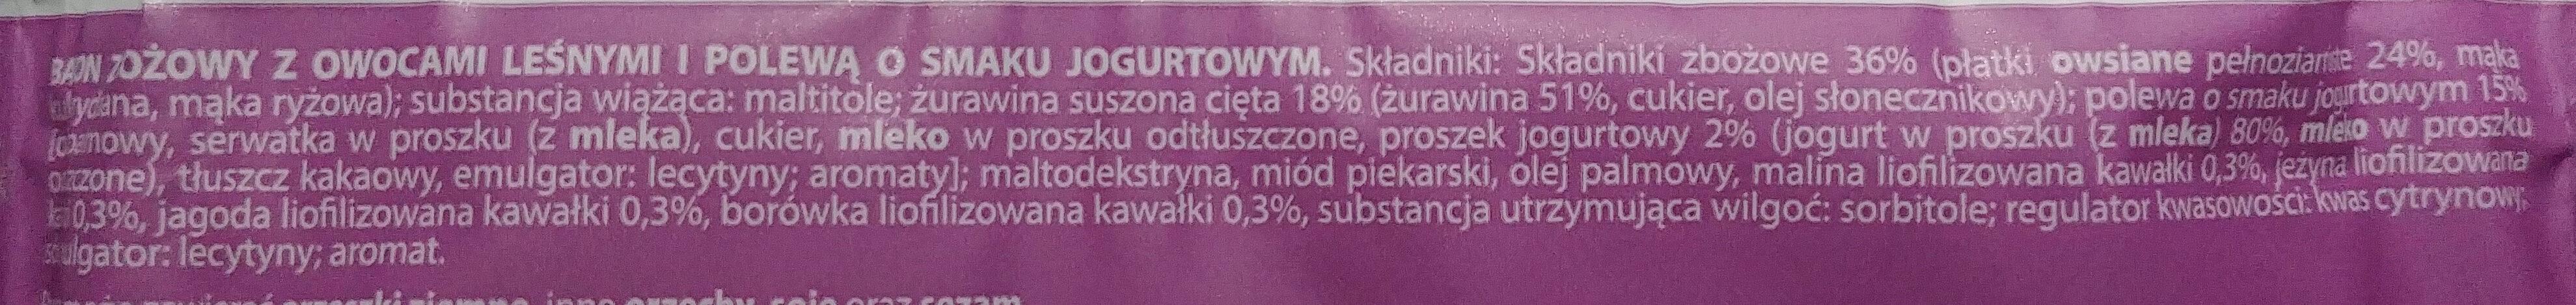 Ba! 5 owoców leśnych - Składniki - pl